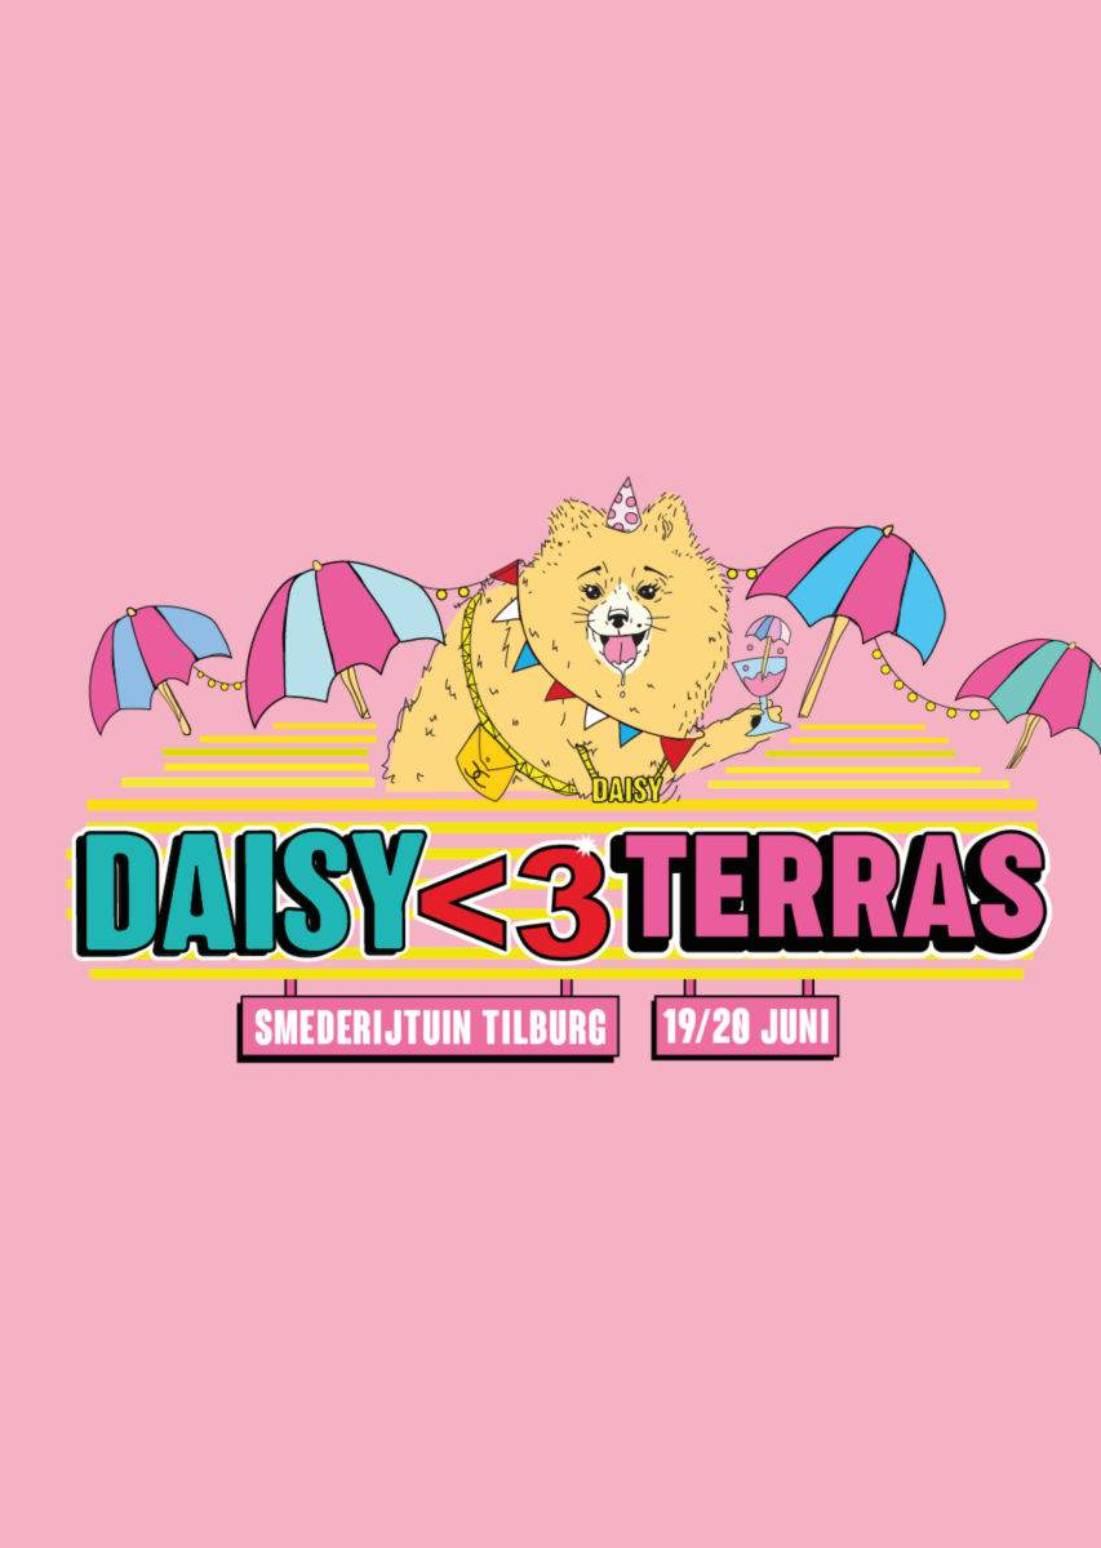 DAISY <3 TERRAS - 19 JUNI